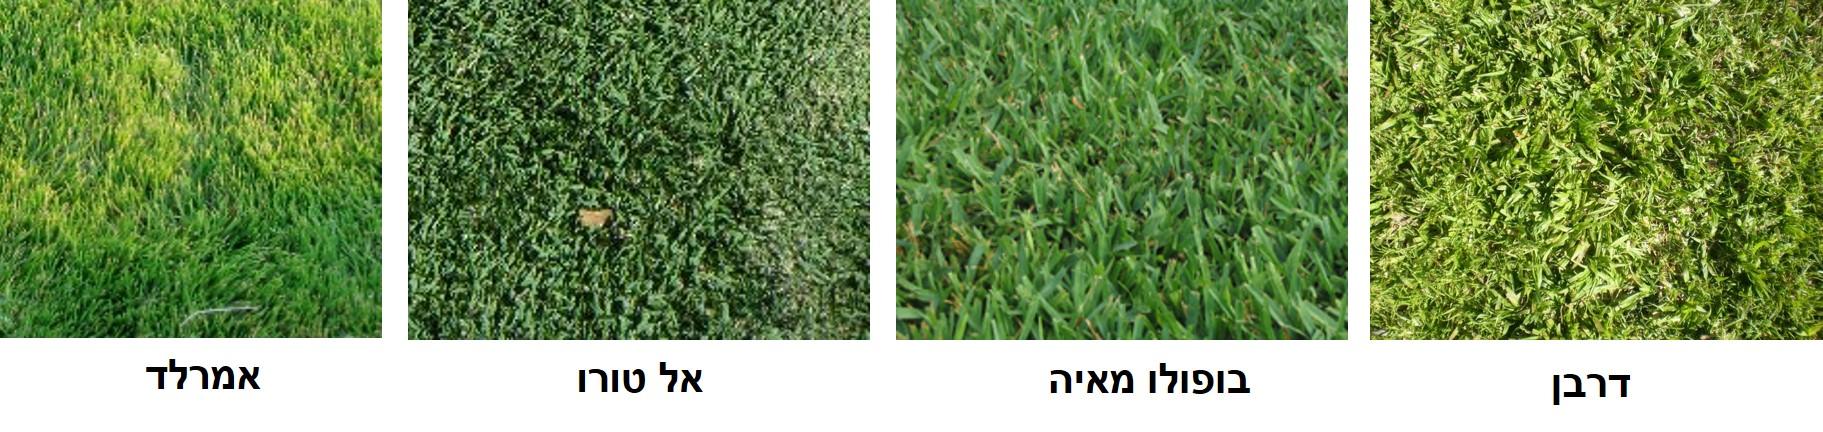 דשאים לשמש מלאה עד חצי יום שמש